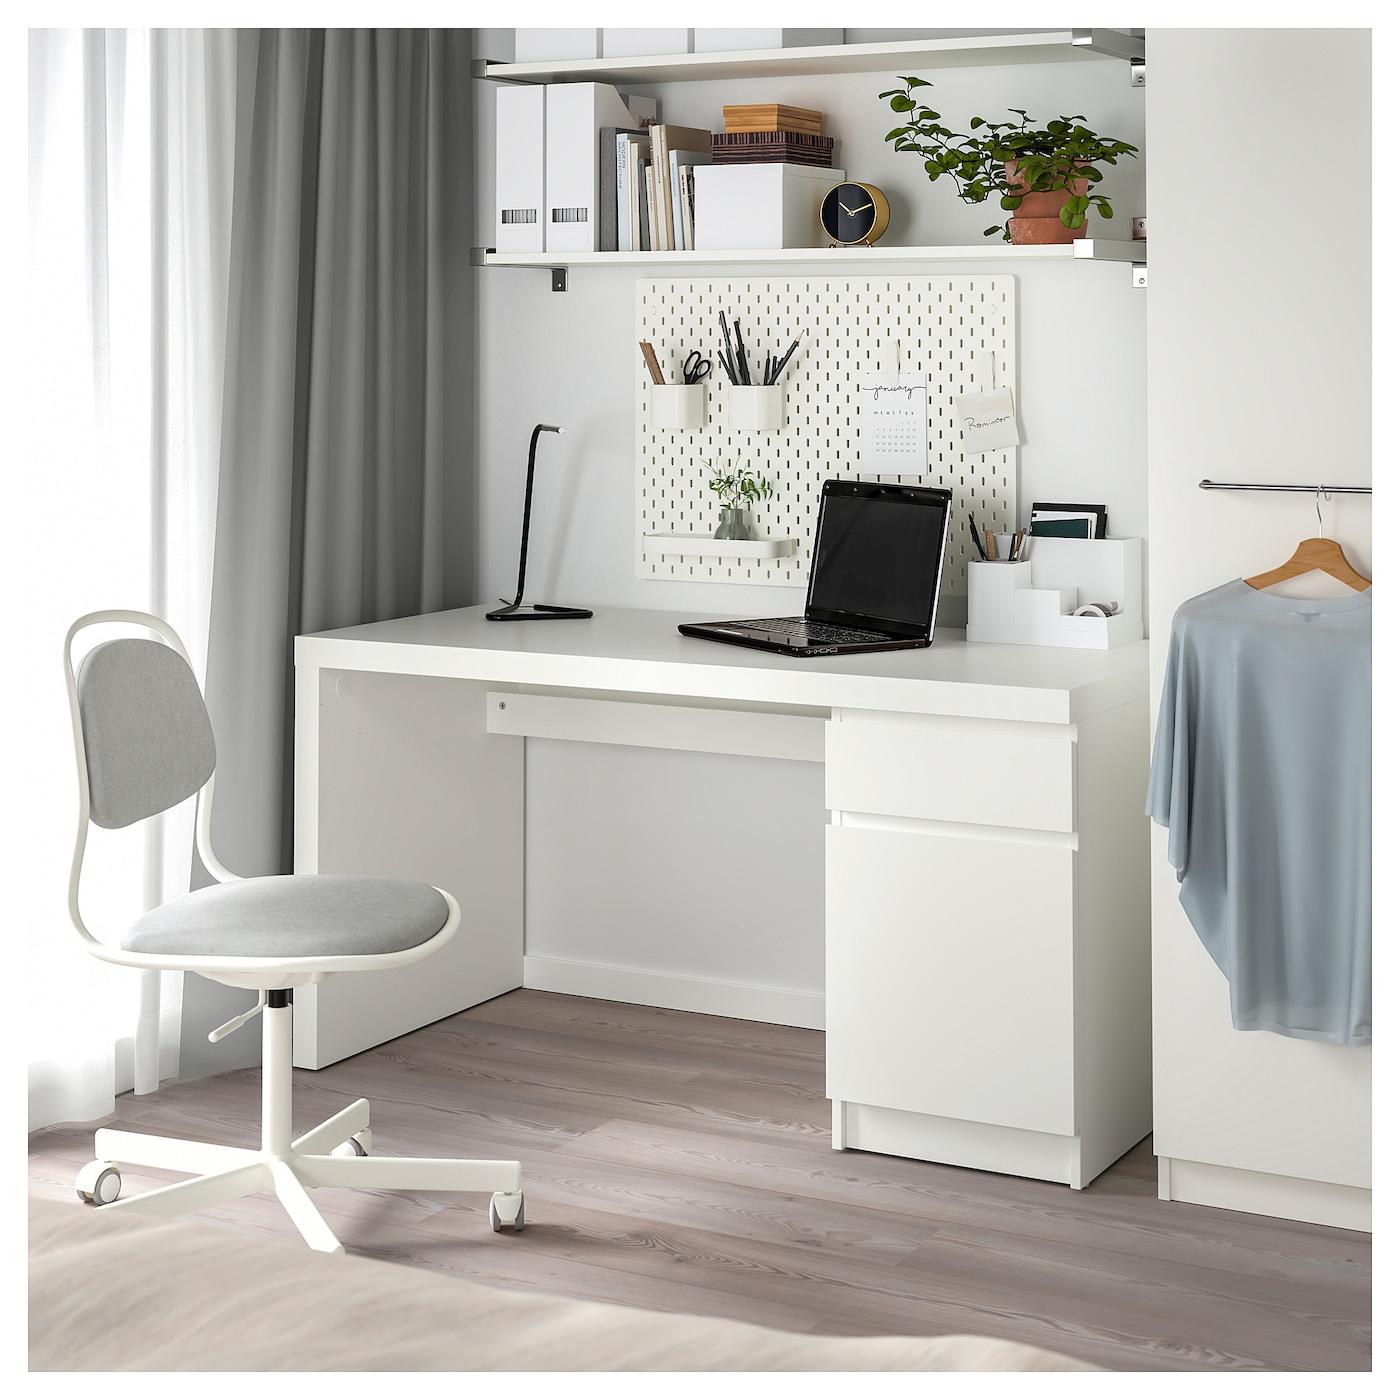 Malm Bureau - Wit 140X65 Cm intérieur Ikea Maroc Bureau